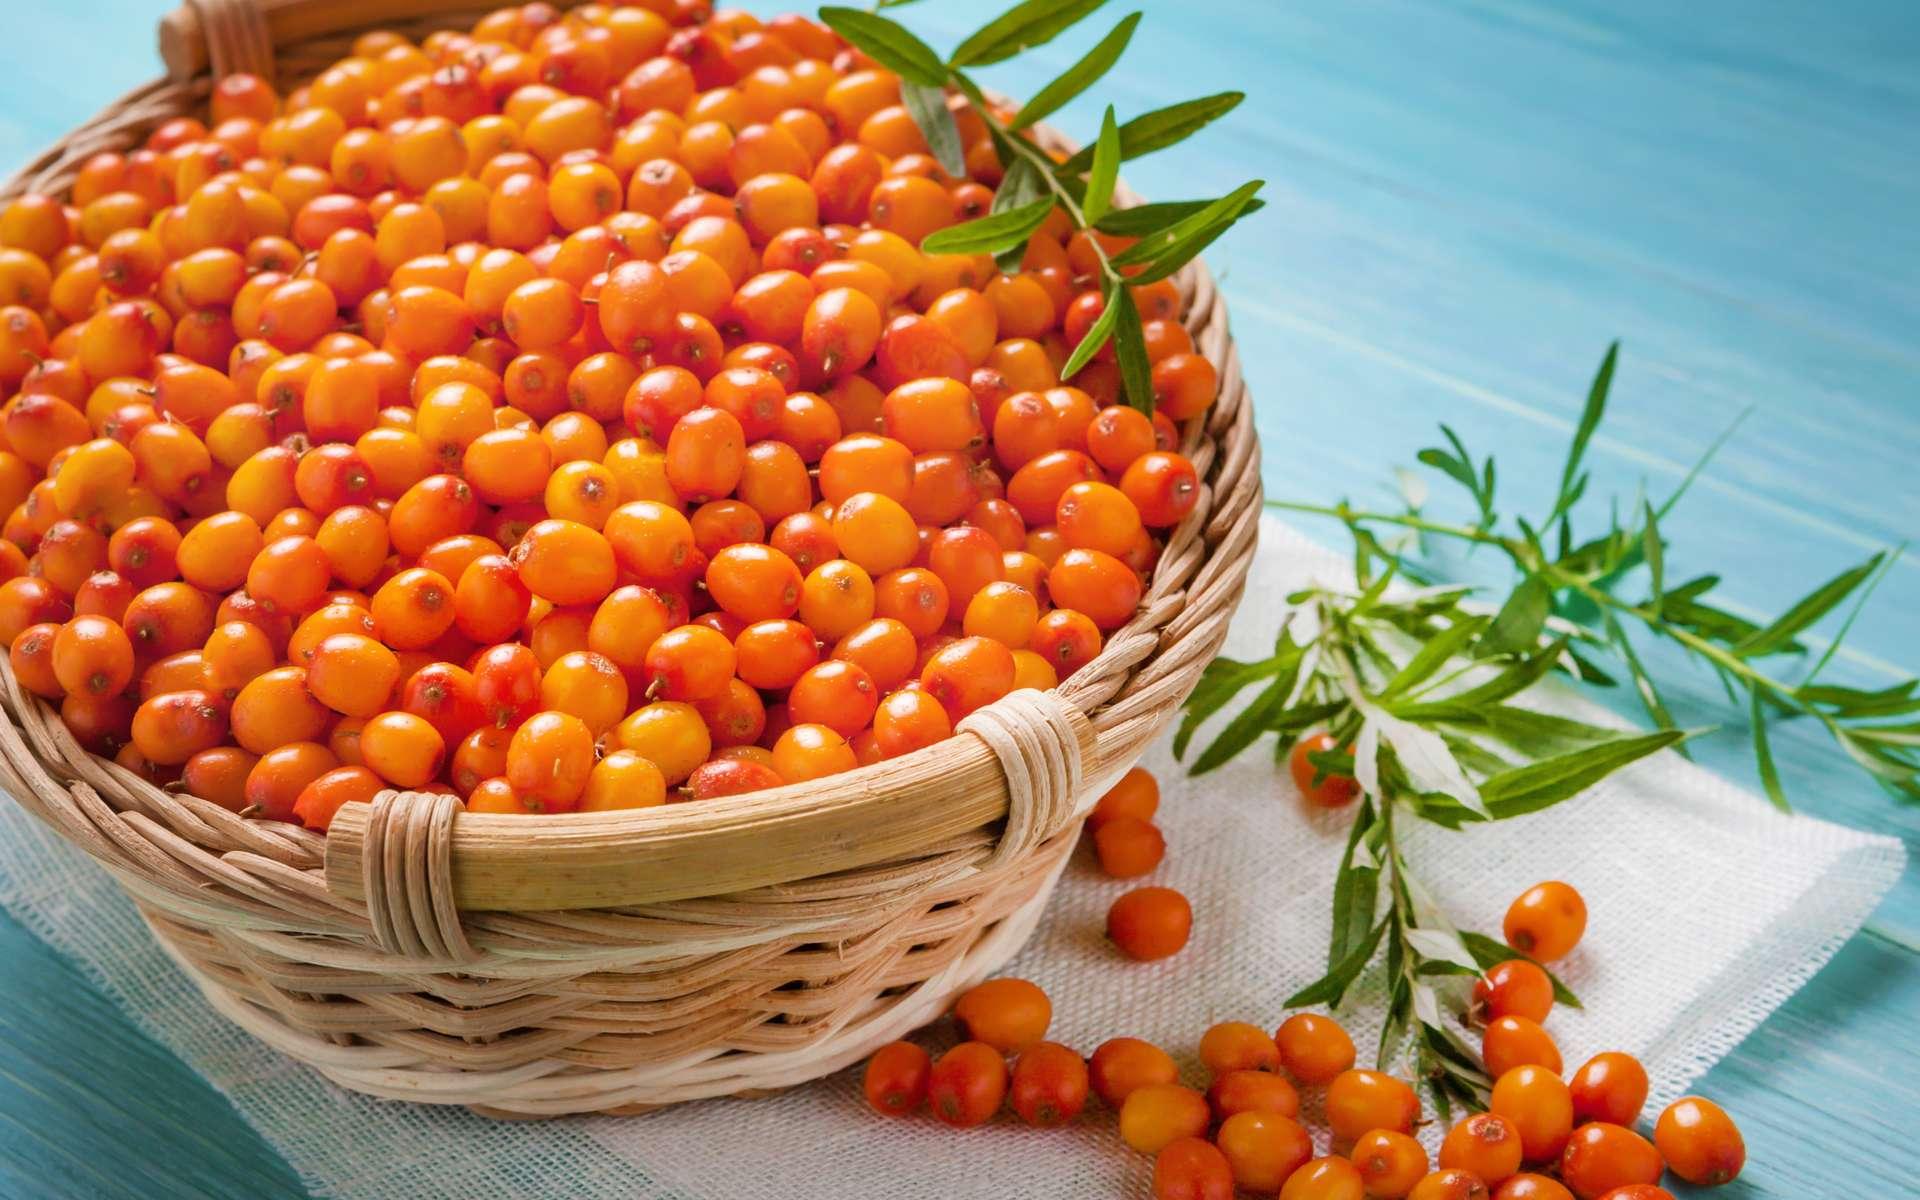 Les fruits de l'argousier, arbuste épineux aux baies orange-rouge (à ne pas confondre avec l'arbousier), sont riches en oméga 7. © Luca9257, Adobe Stock